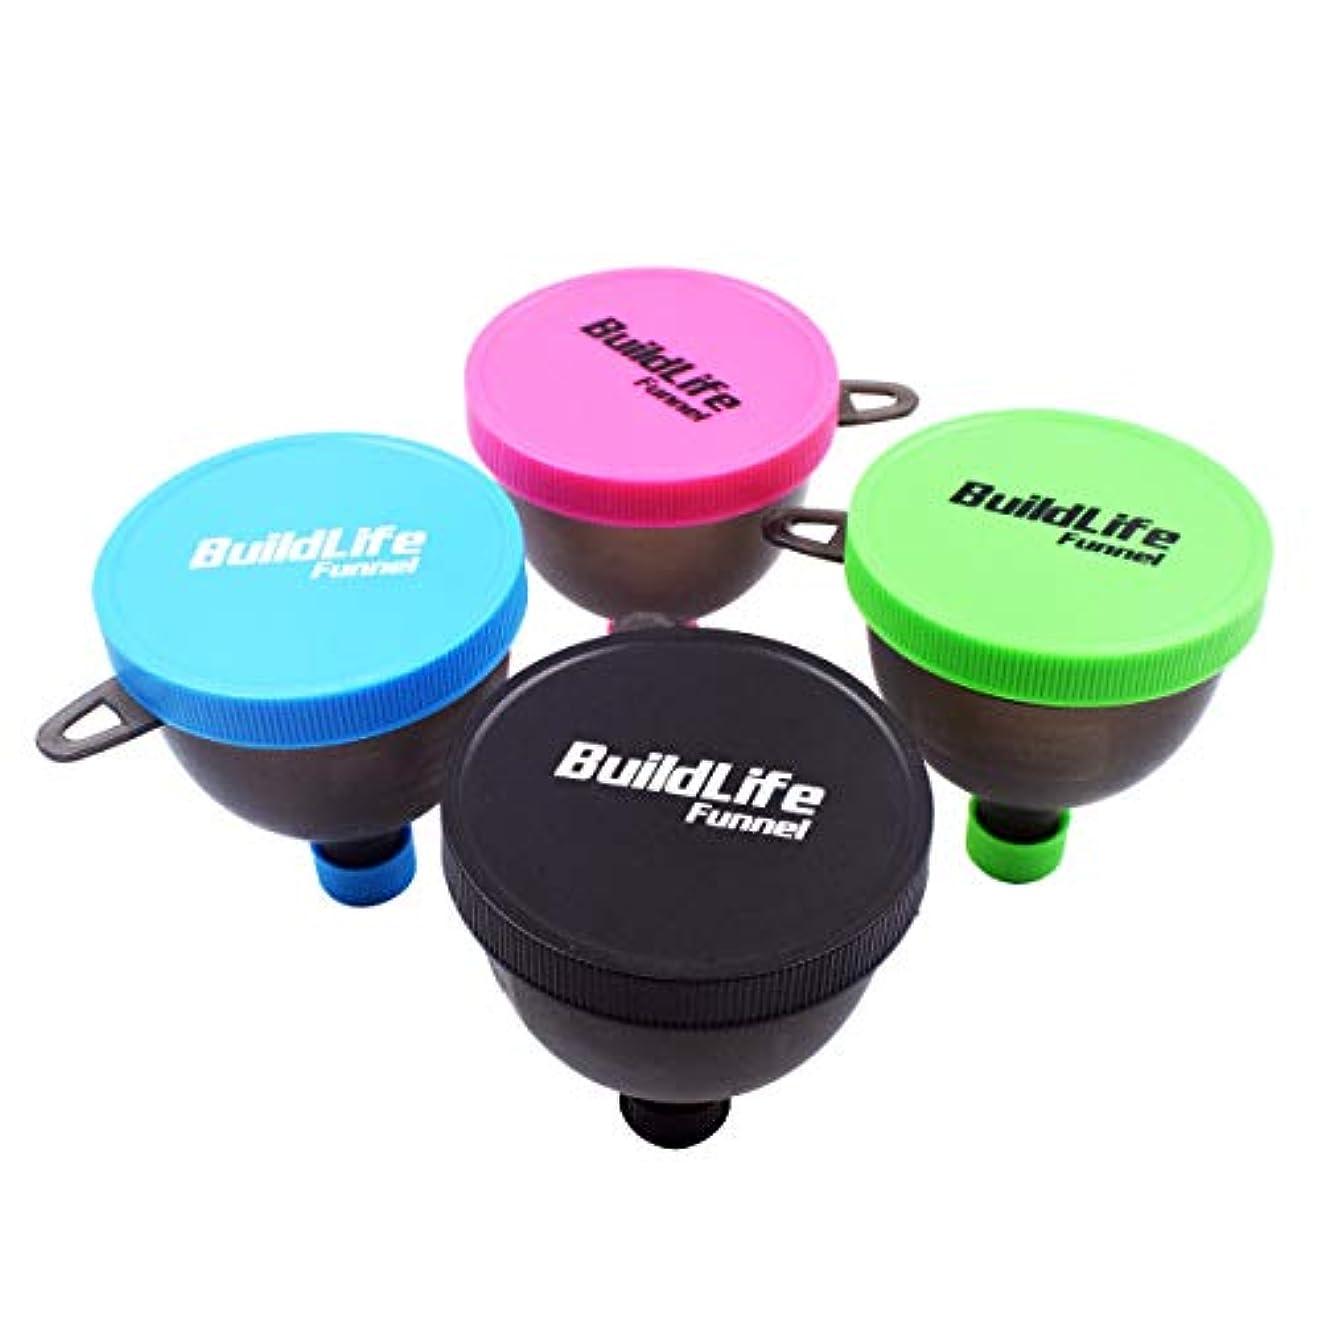 足首自発事業BuildLife Fill Nゴーファンネル - プロテインファンネル - サプリメントファンネル - ウォーターボトルファネル - サプリメント用粉末容器、プロテインパウダー(4パック)